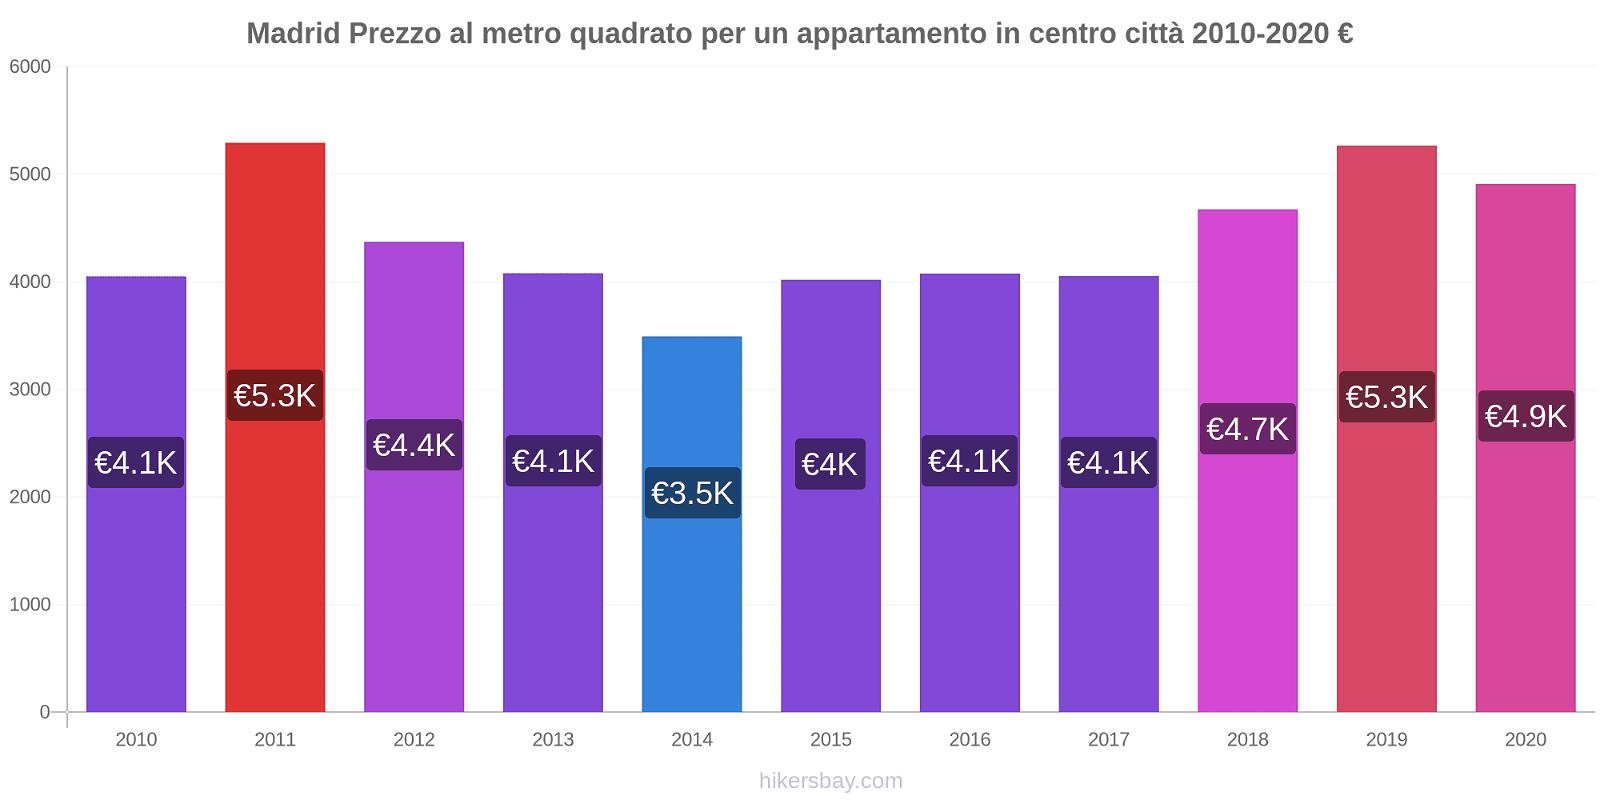 Madrid variazioni di prezzo Prezzo al metro quadrato dell' appartamento in centro città hikersbay.com